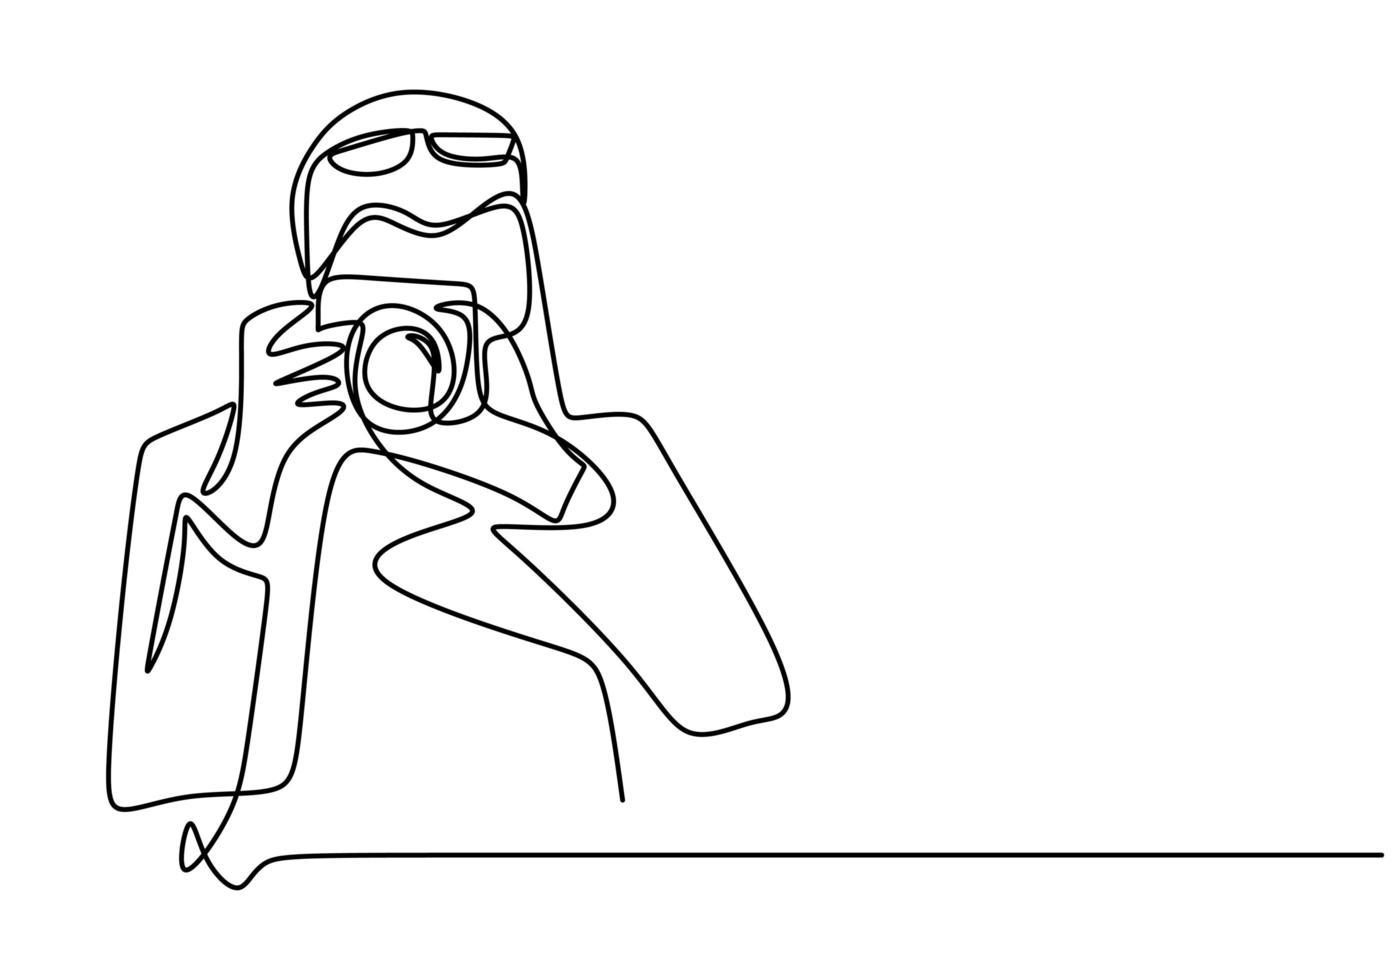 fotograf kontinuerlig en radillustration. man tar bild. kille skjuter med fotokamera. kontinuerlig en linje ritning, vektorillustration. vektor